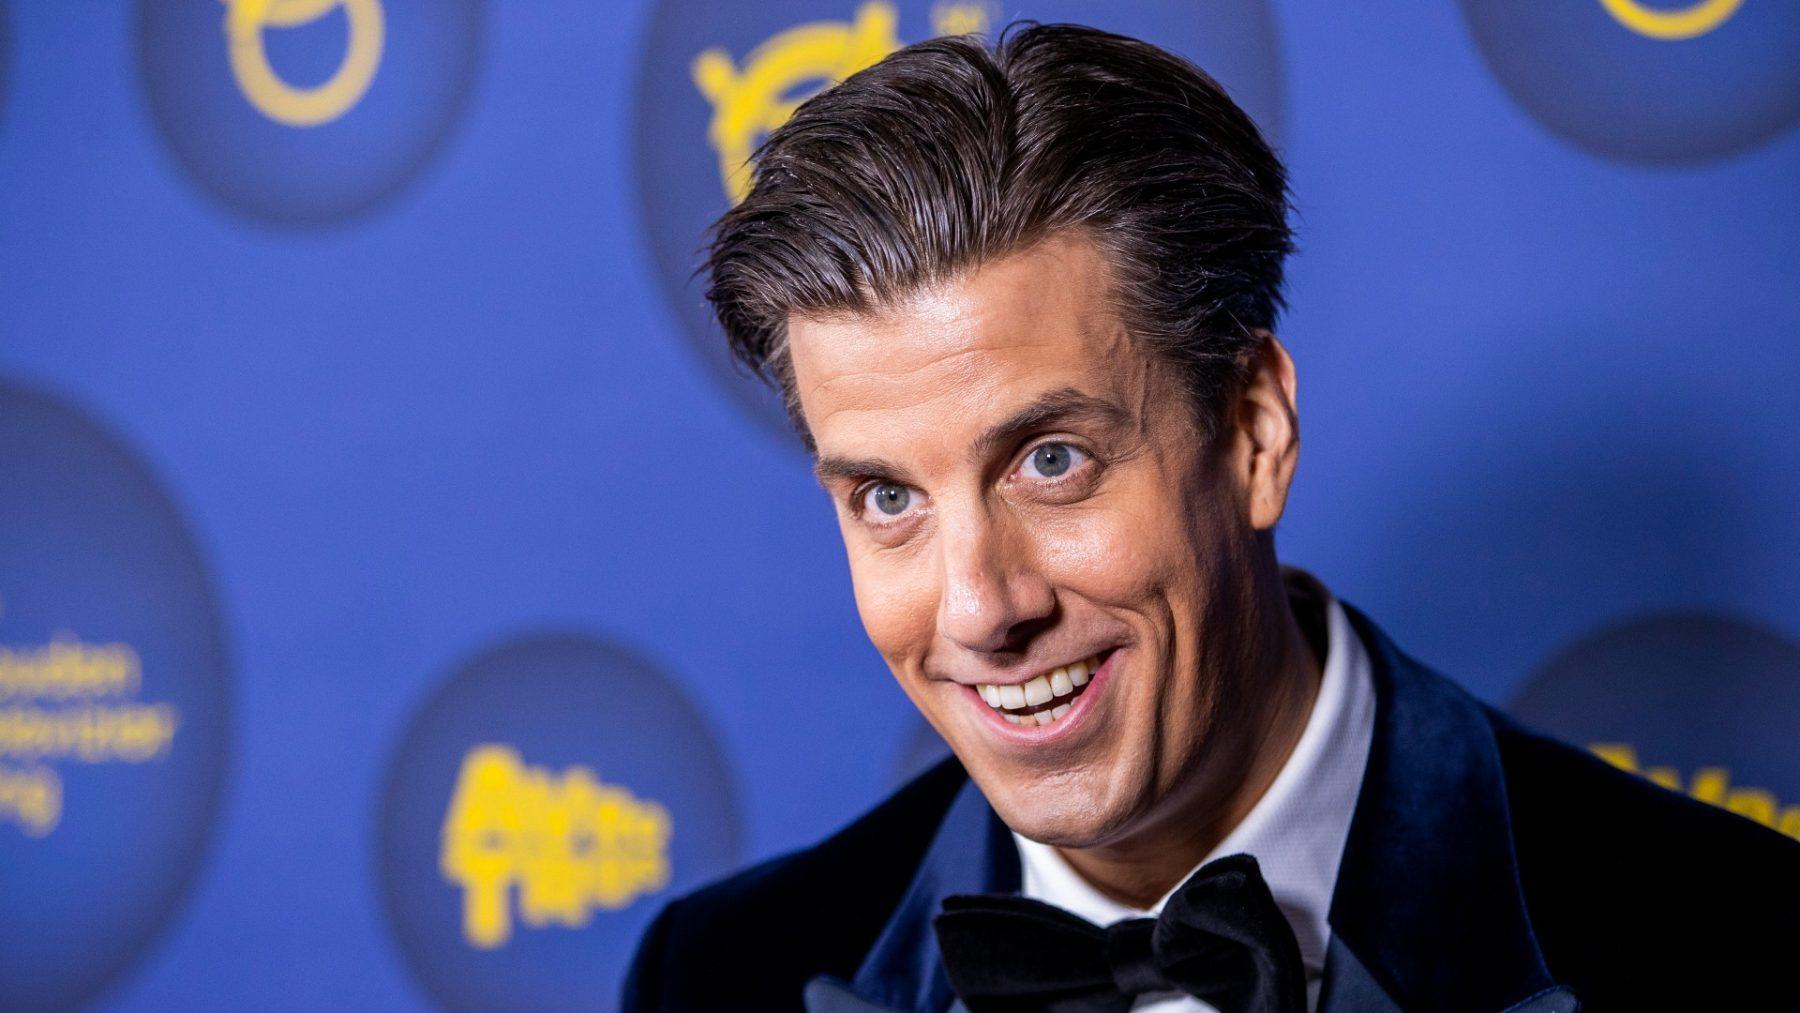 Rob Kemps tijdens Gouden Televizier-Ring Gala uitgeroepen tot aanstormend talent